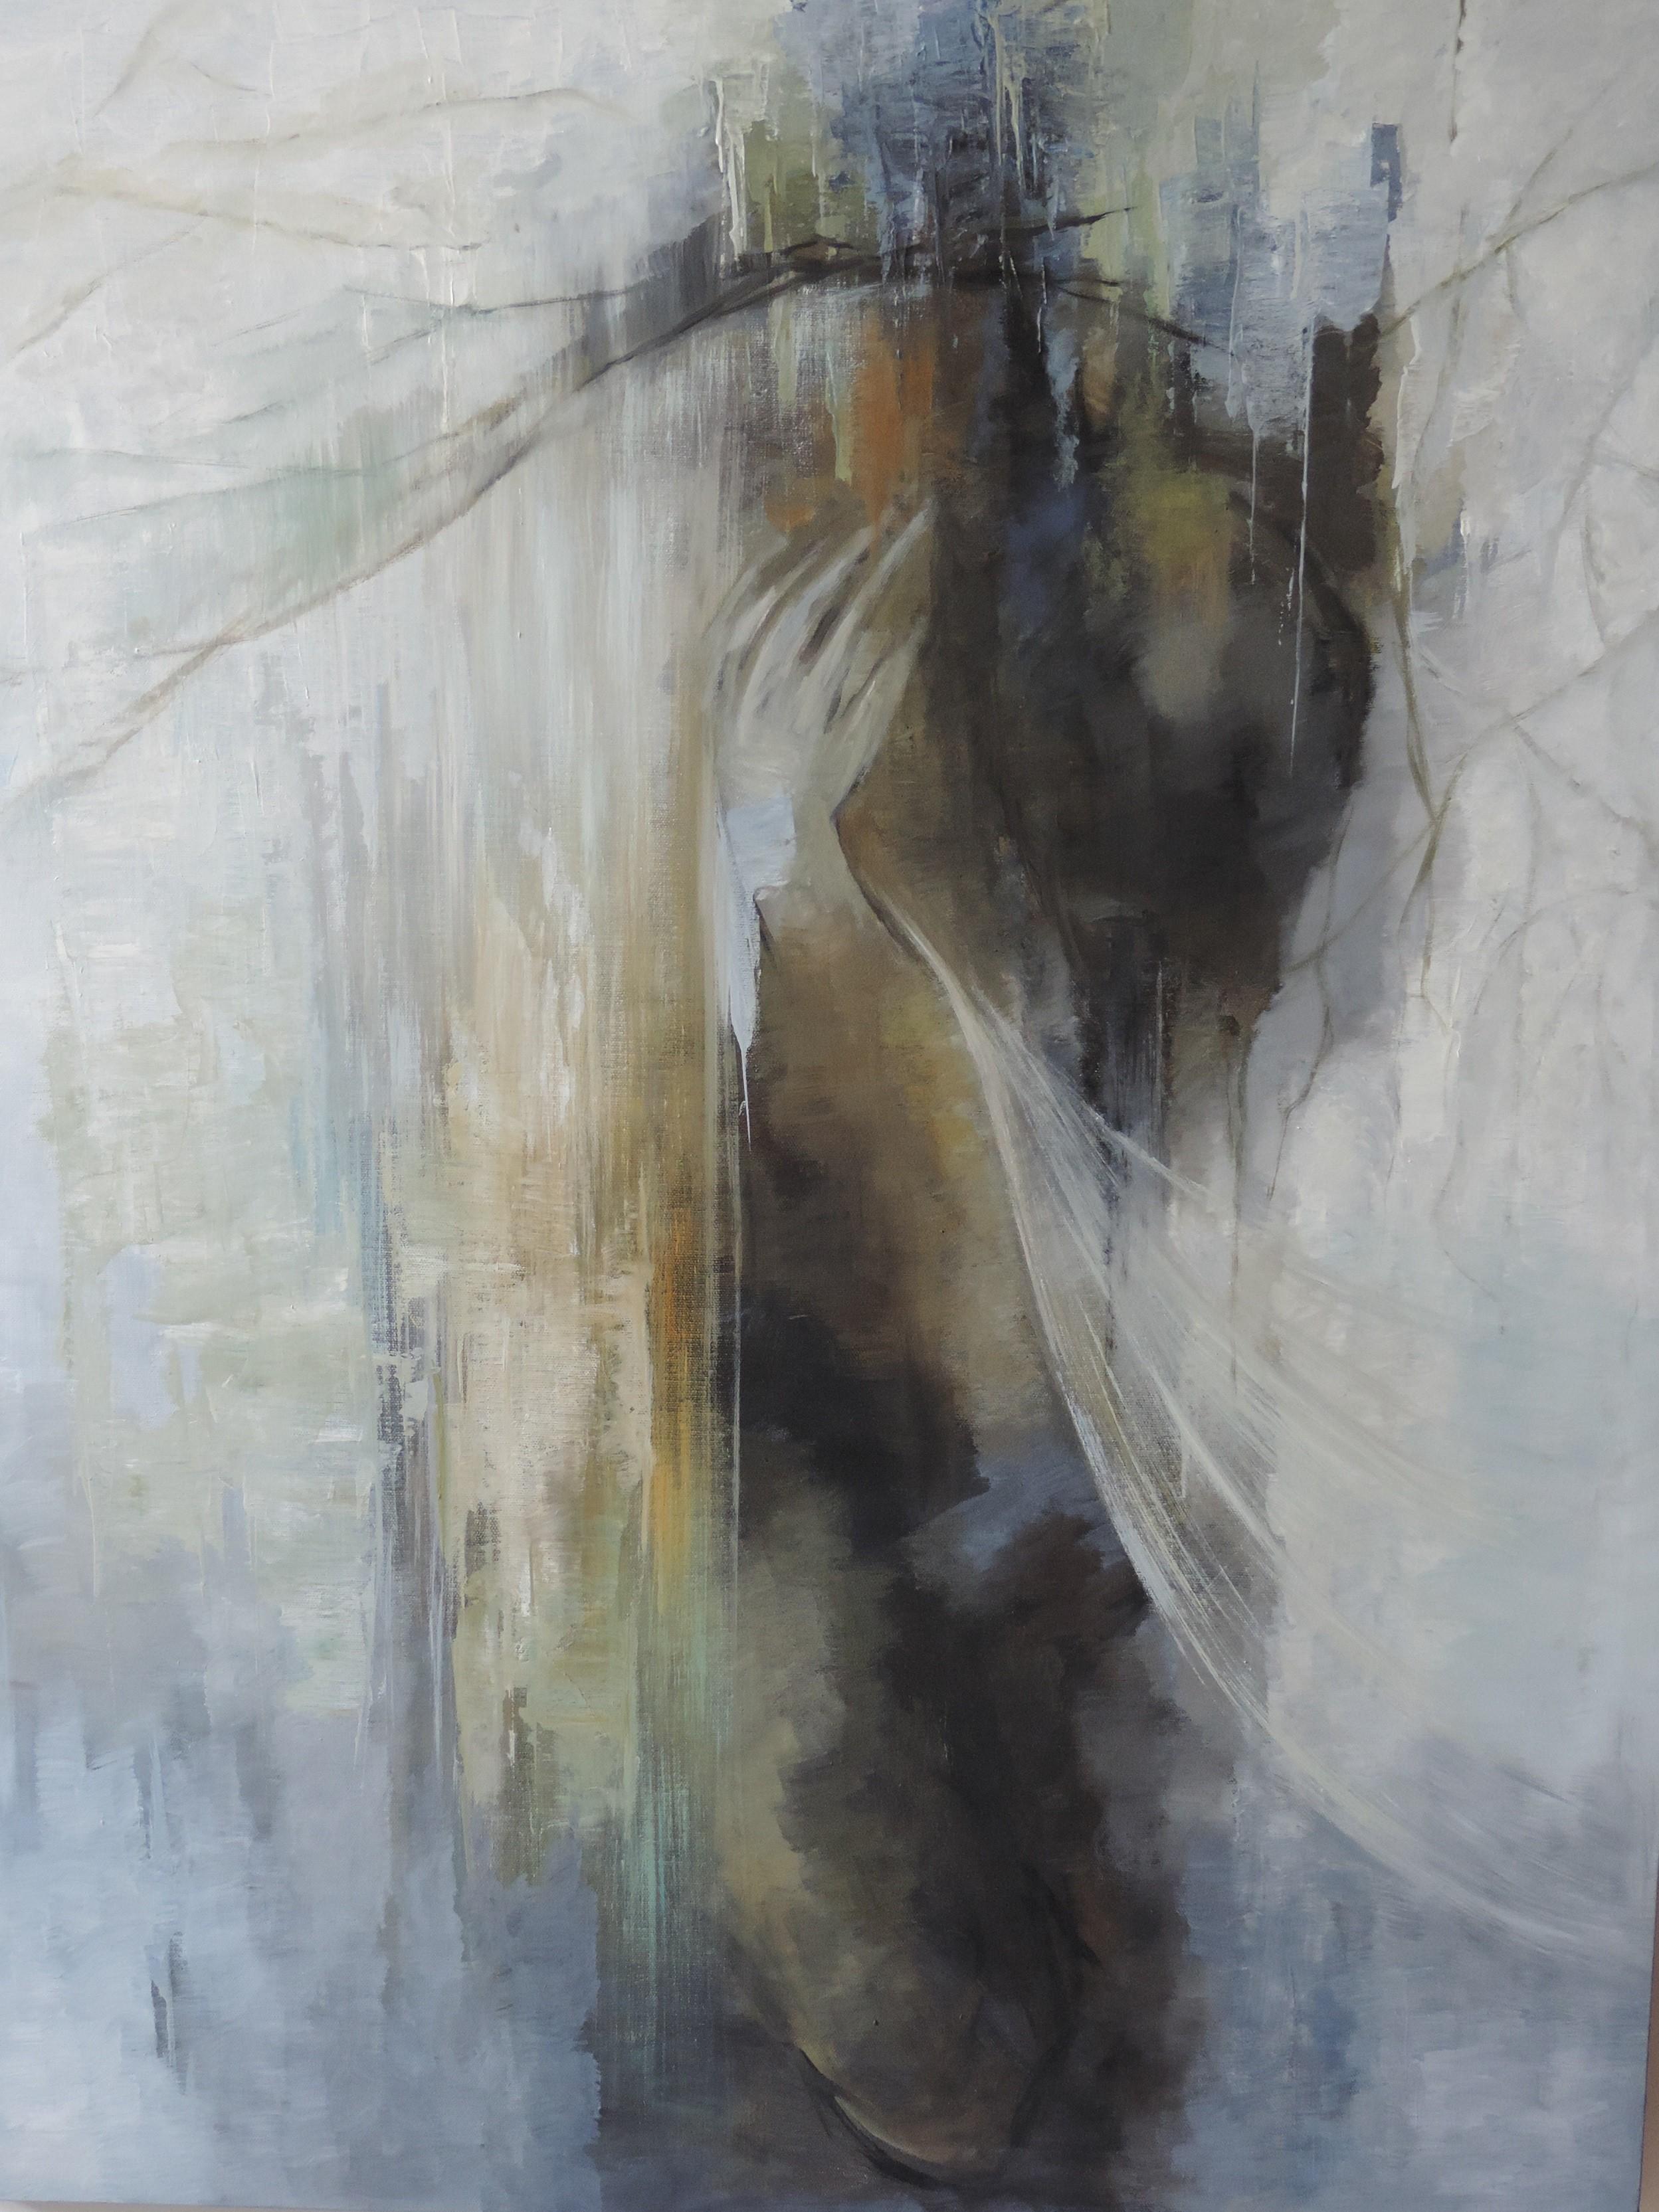 Untitled 8 by bartholameuse wimalaratne